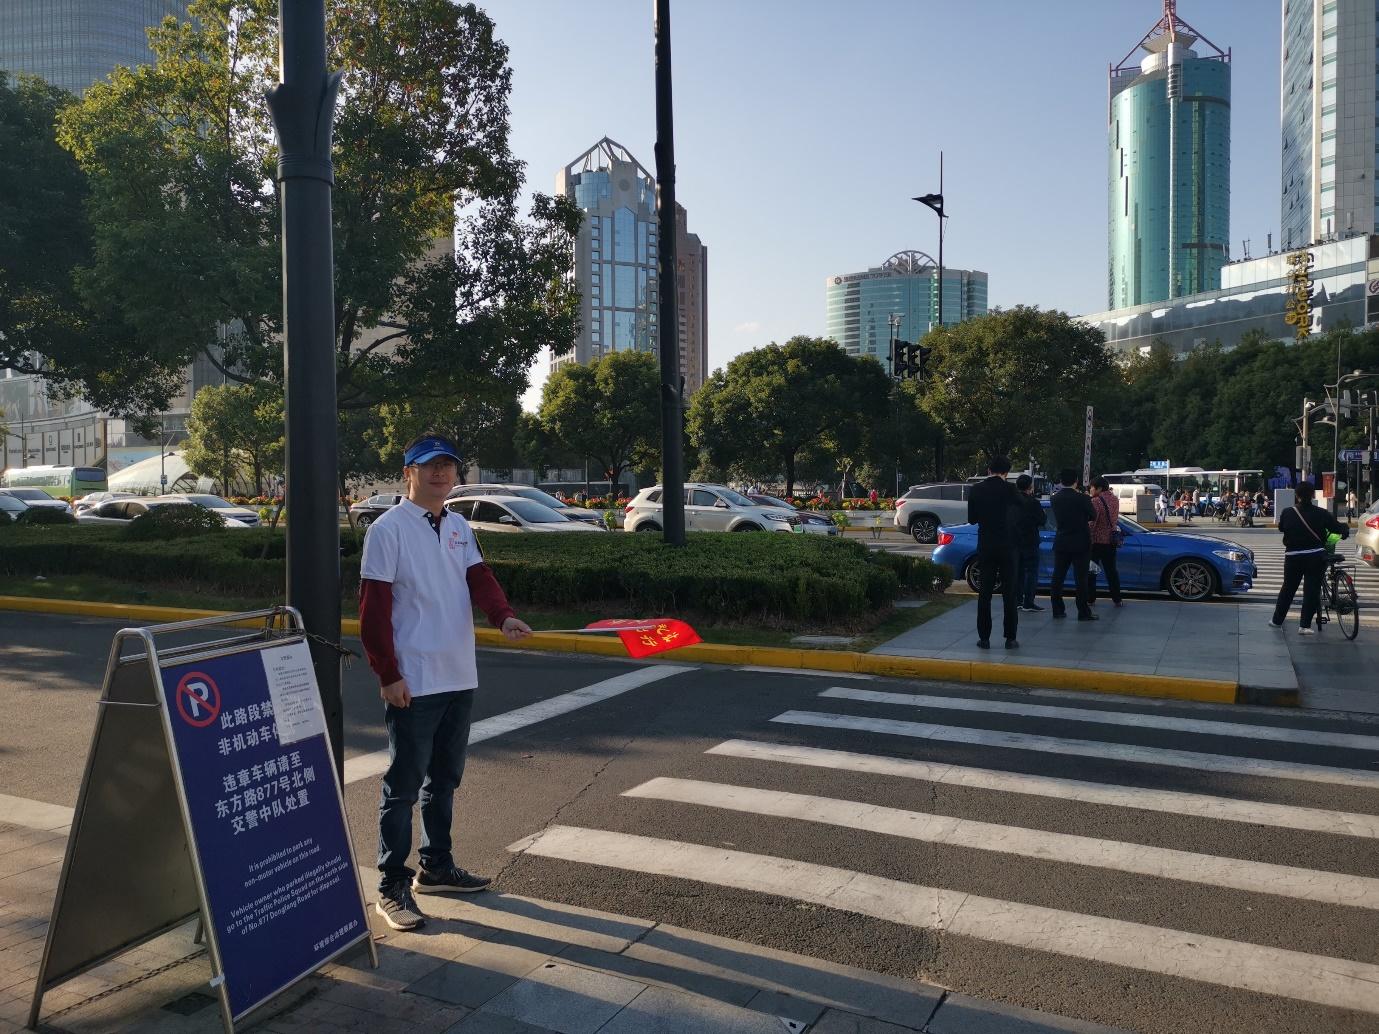 """""""喜迎进博会,党员在行动"""" 东昌集团党员志愿者开展马路引导志愿服务活动"""